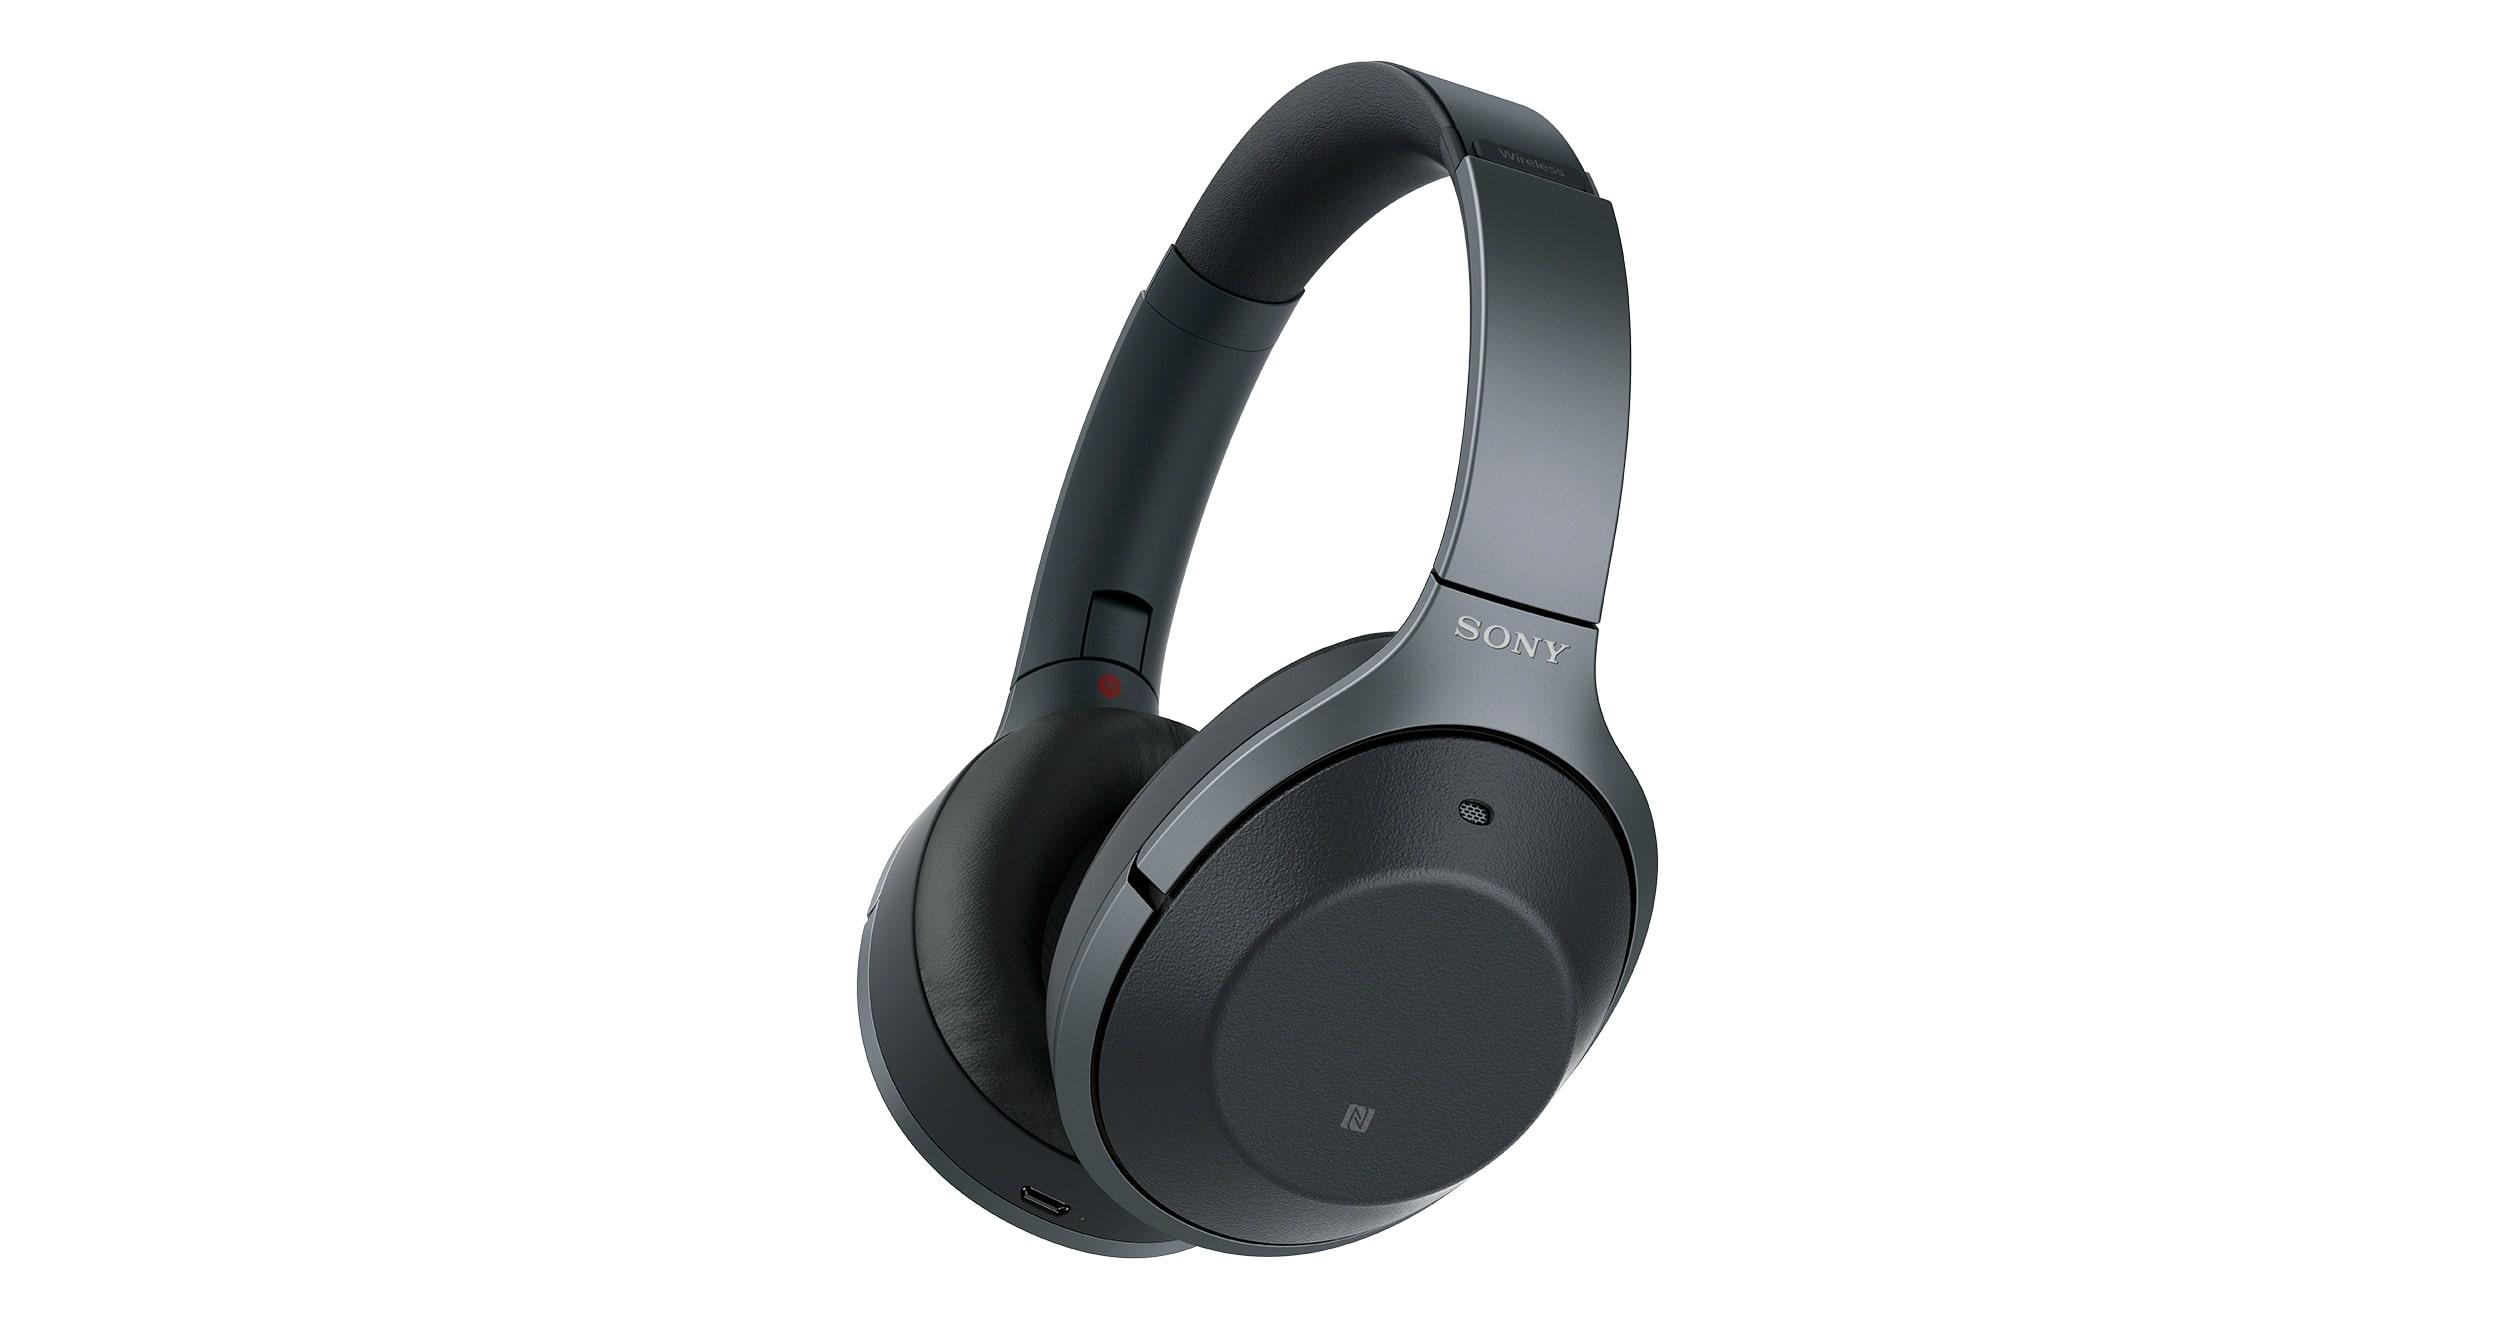 Opinie i recenzje WH 1000XM2 | Słuchawki z pałąkiem na głowę